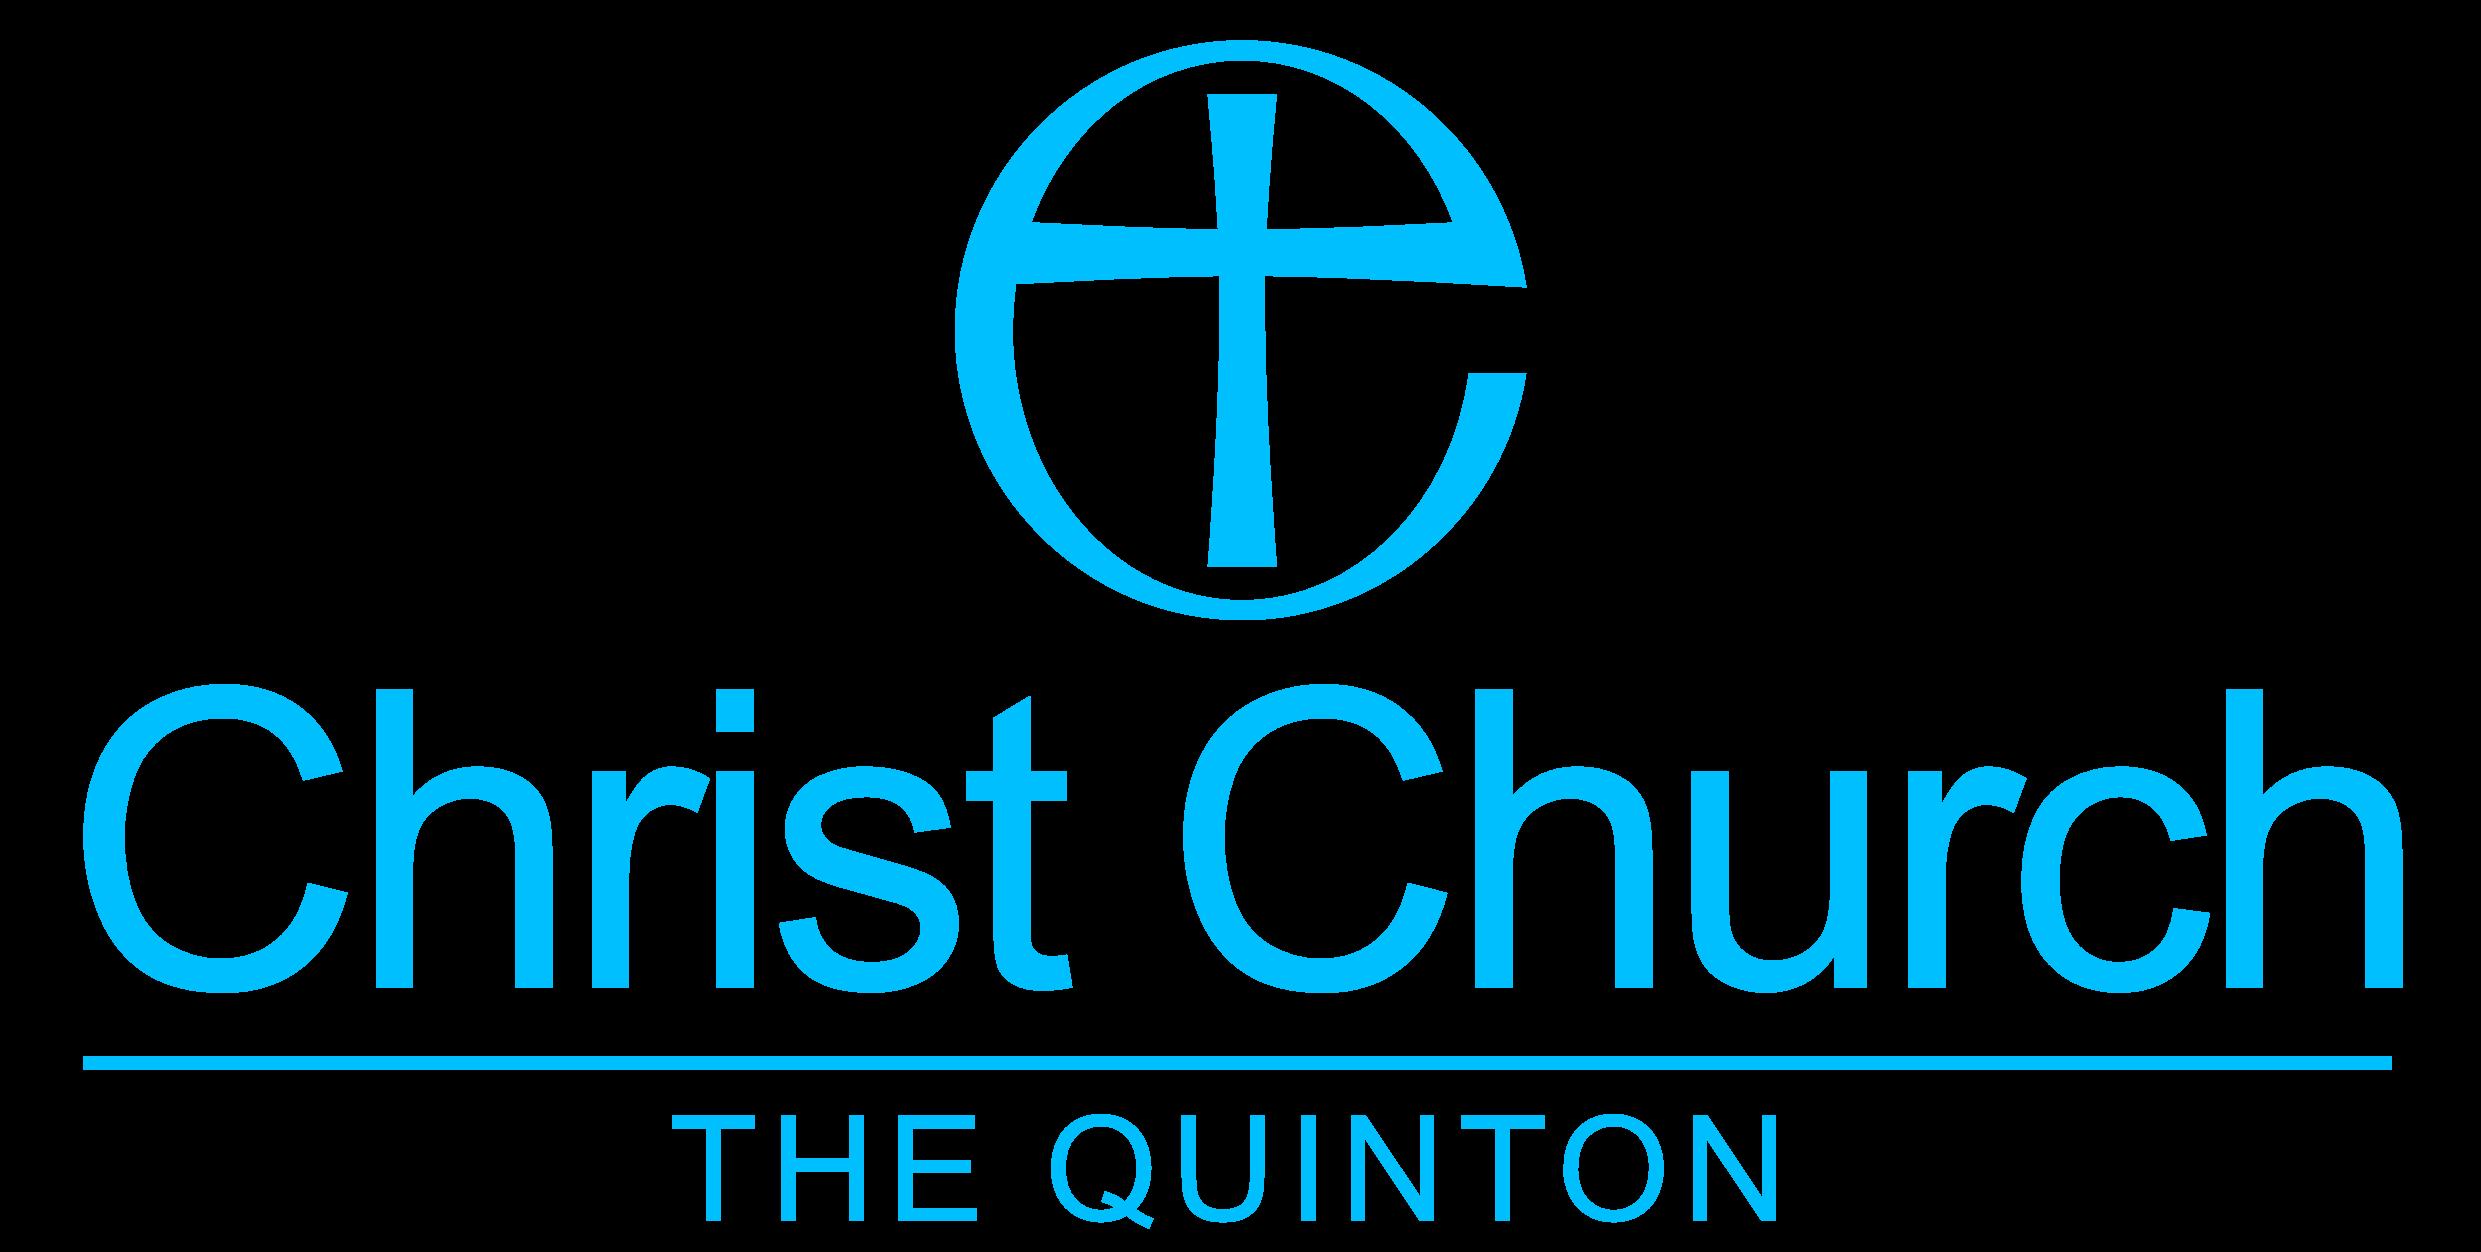 Christ Church the Quinton